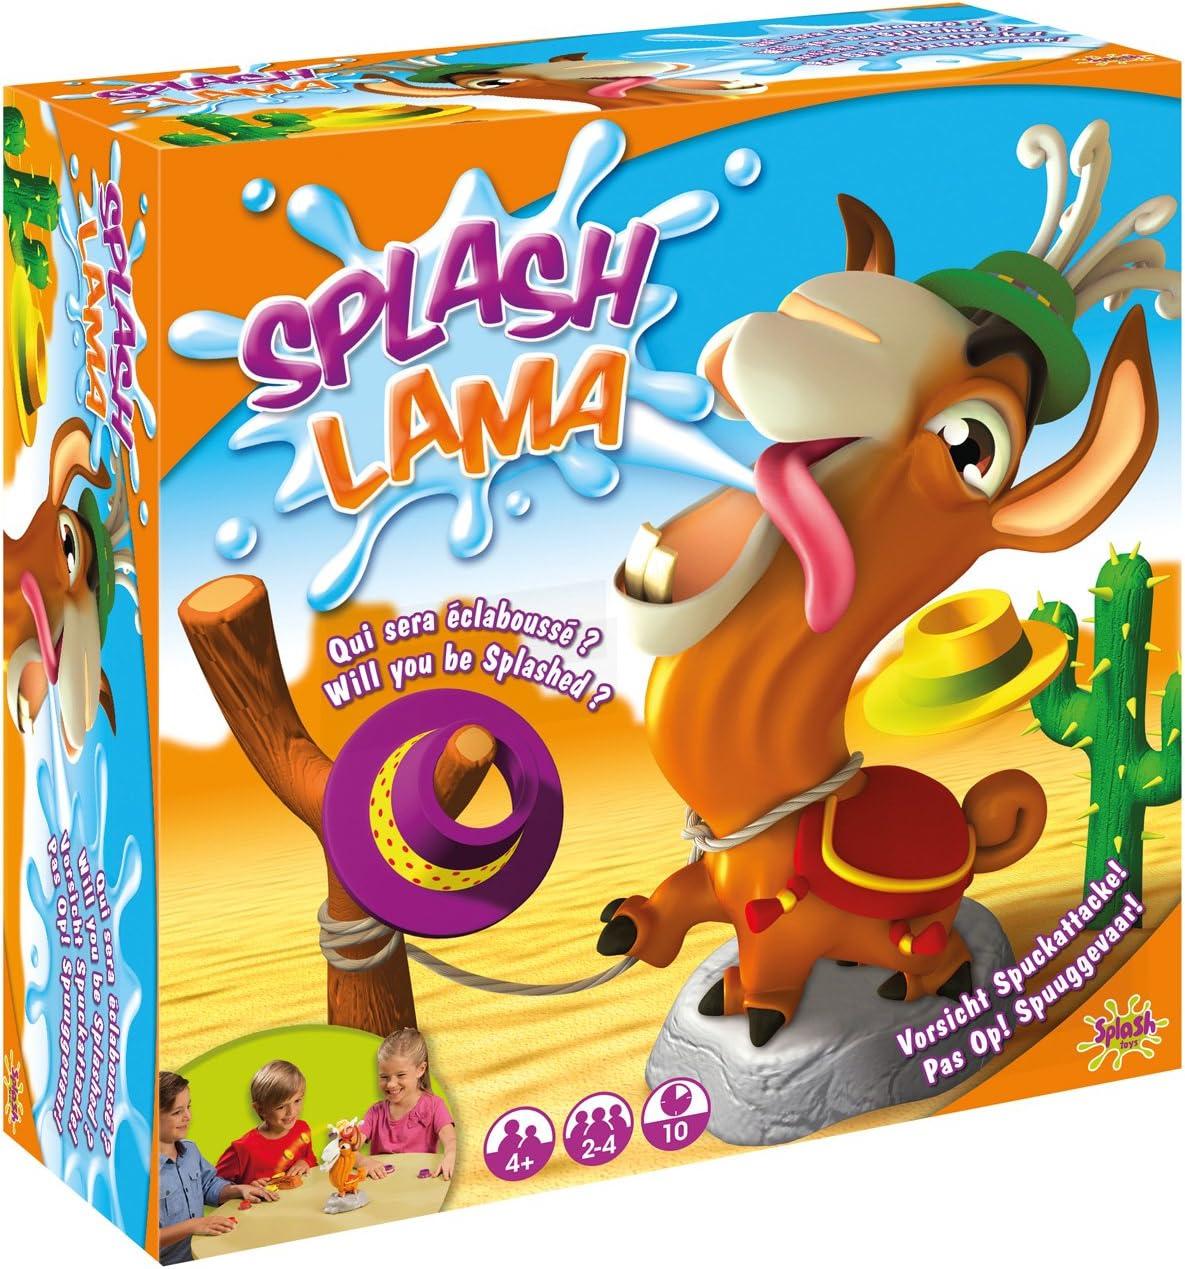 Splash Toys 30107 – Juego de habilidad – Splash Lama , color/modelo surtido: Amazon.es: Juguetes y juegos